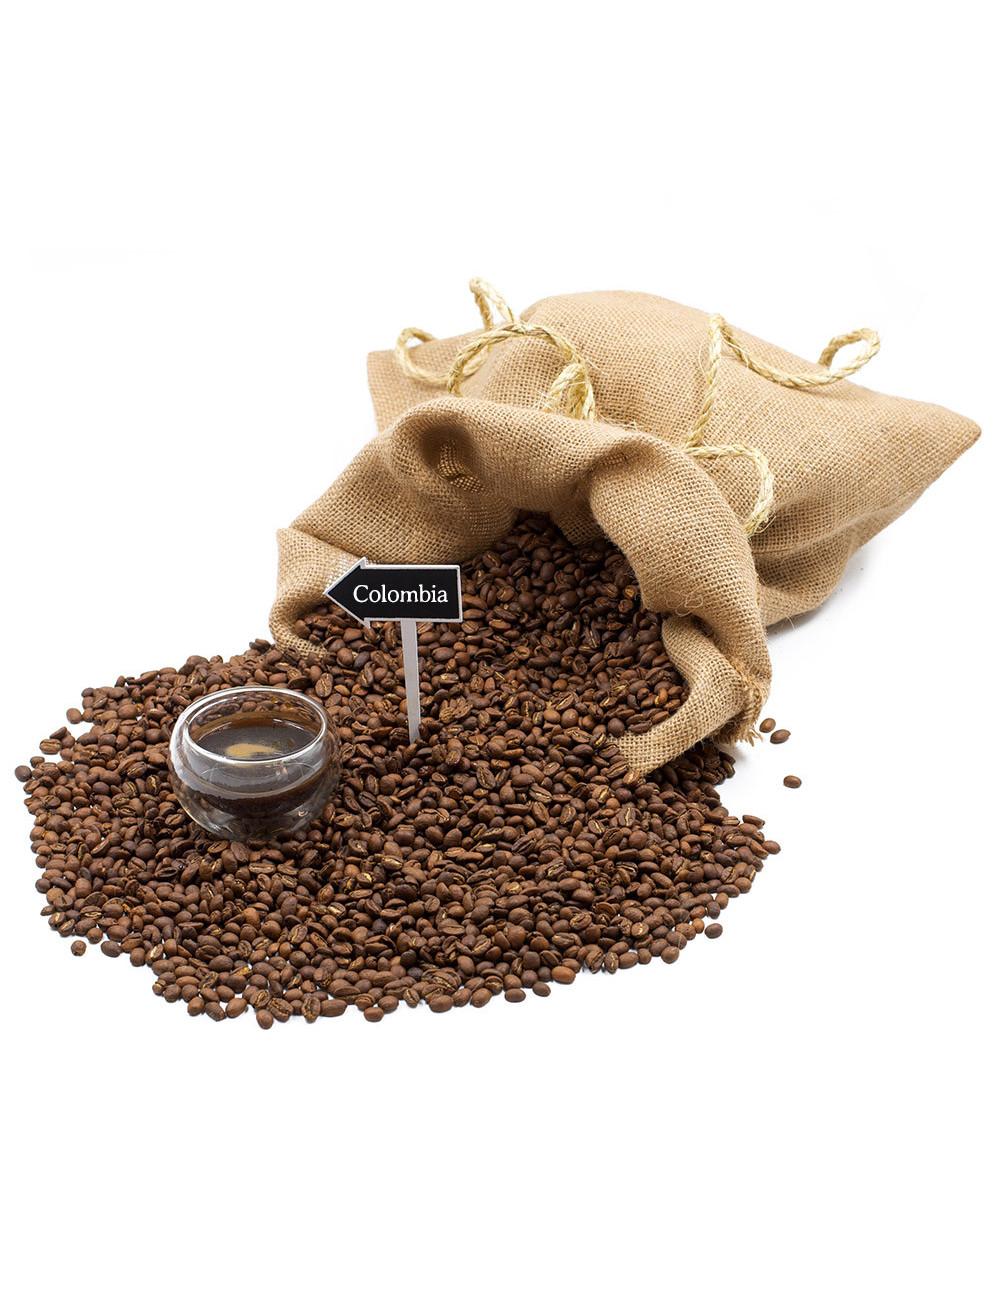 Caffè Colombia monorigine - La Pianta del Tè shop online